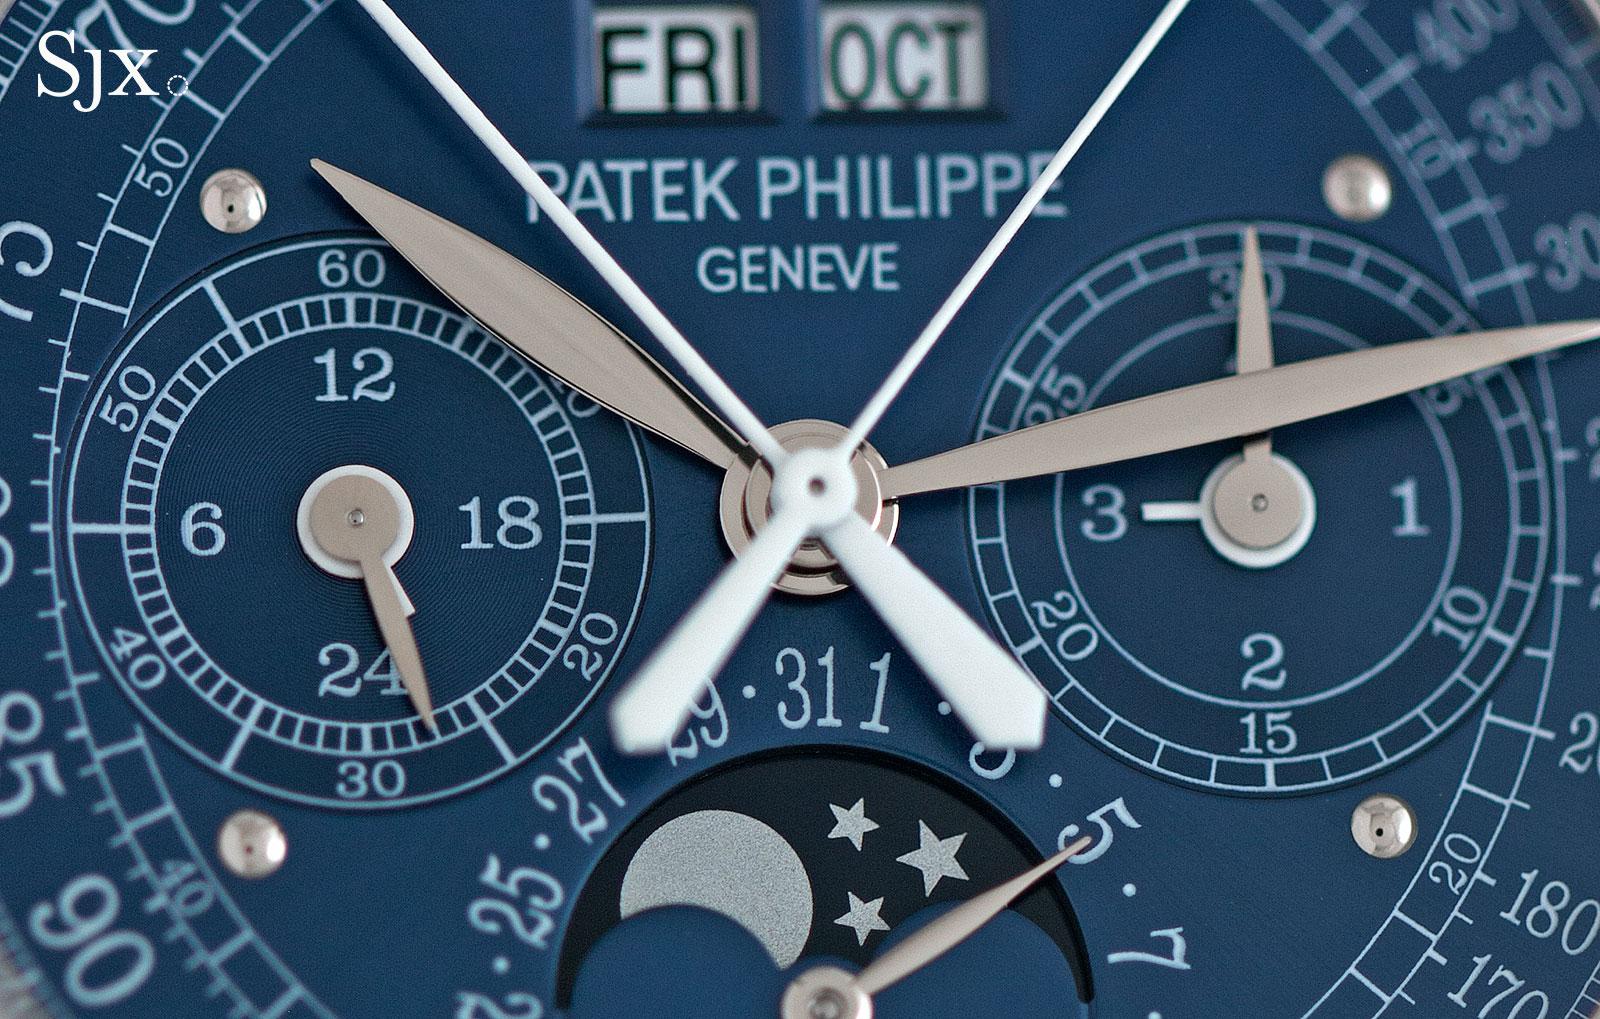 Patek Philippe Ref. 5004P Eric Clapton 5